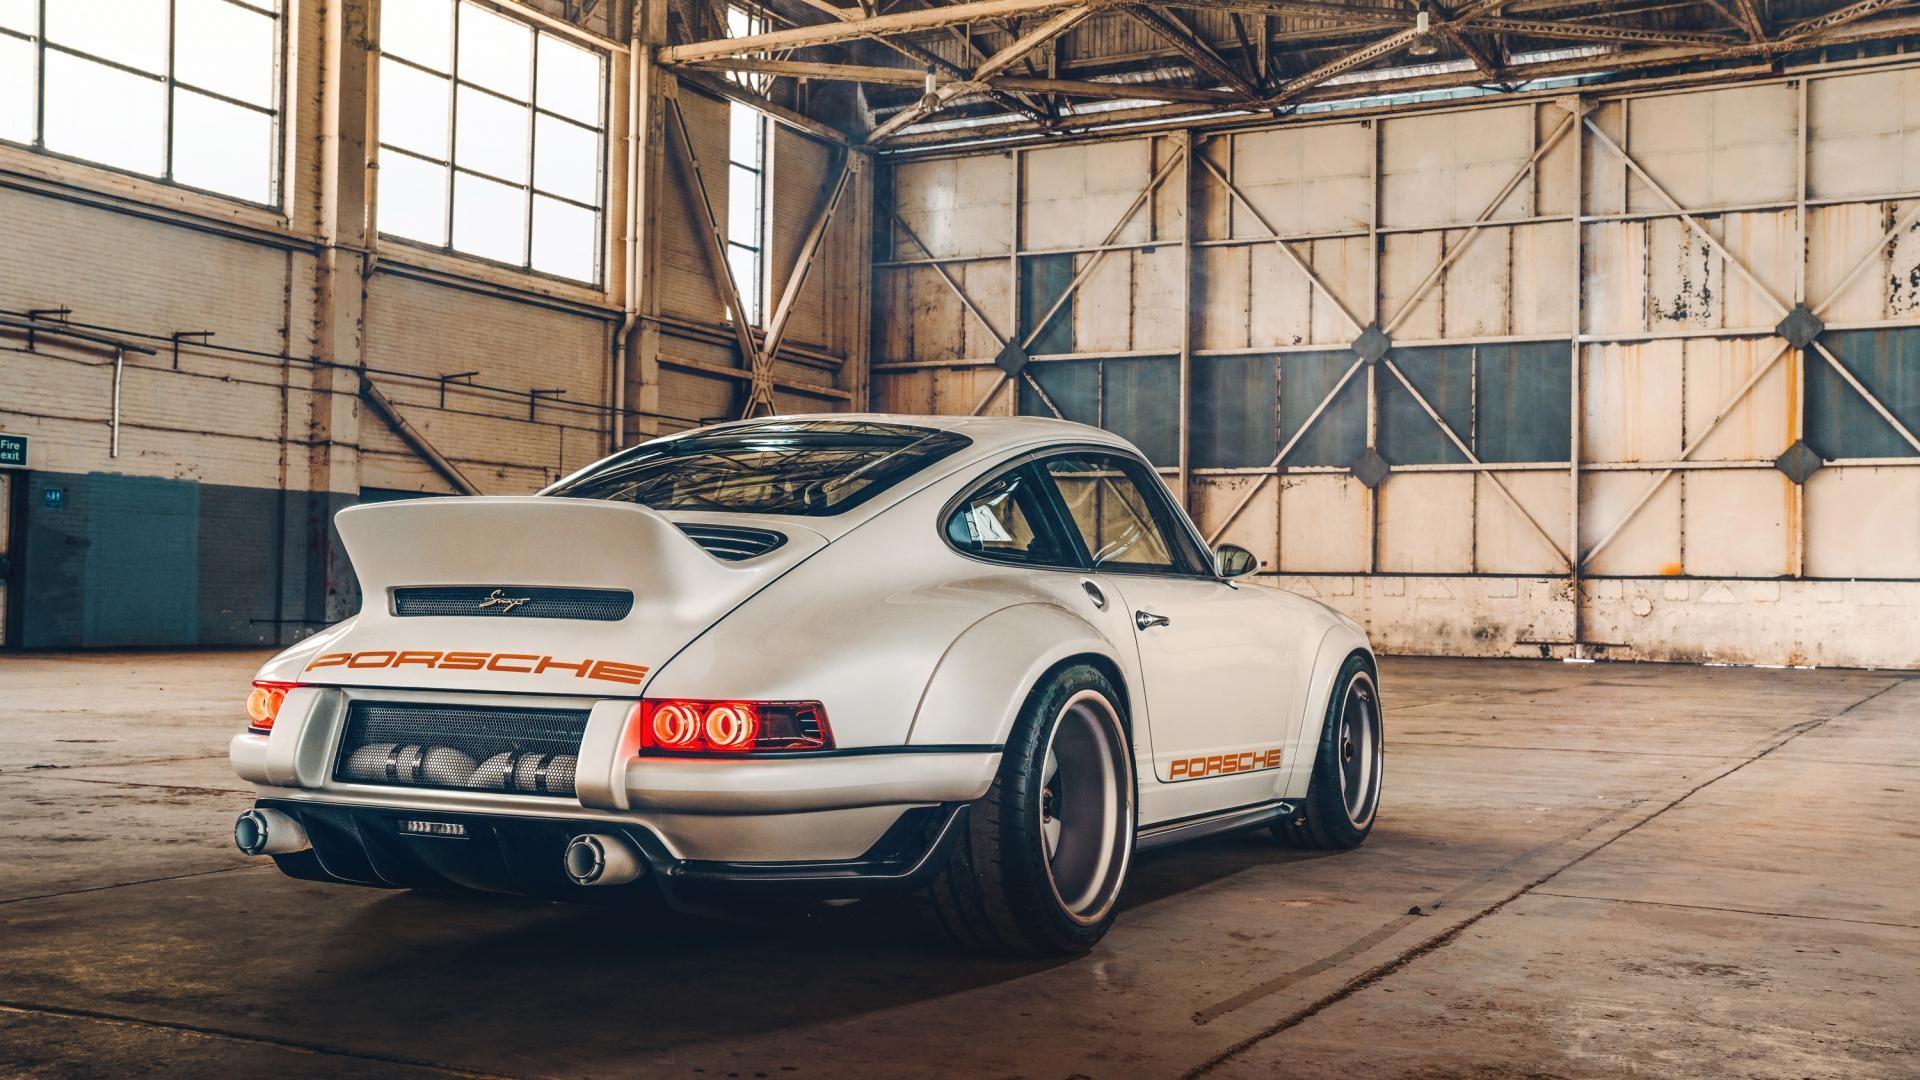 Singer Dls Car   Data Src Download Singer Porsche Wallpaper - Porsche 911 Singer Dls - HD Wallpaper